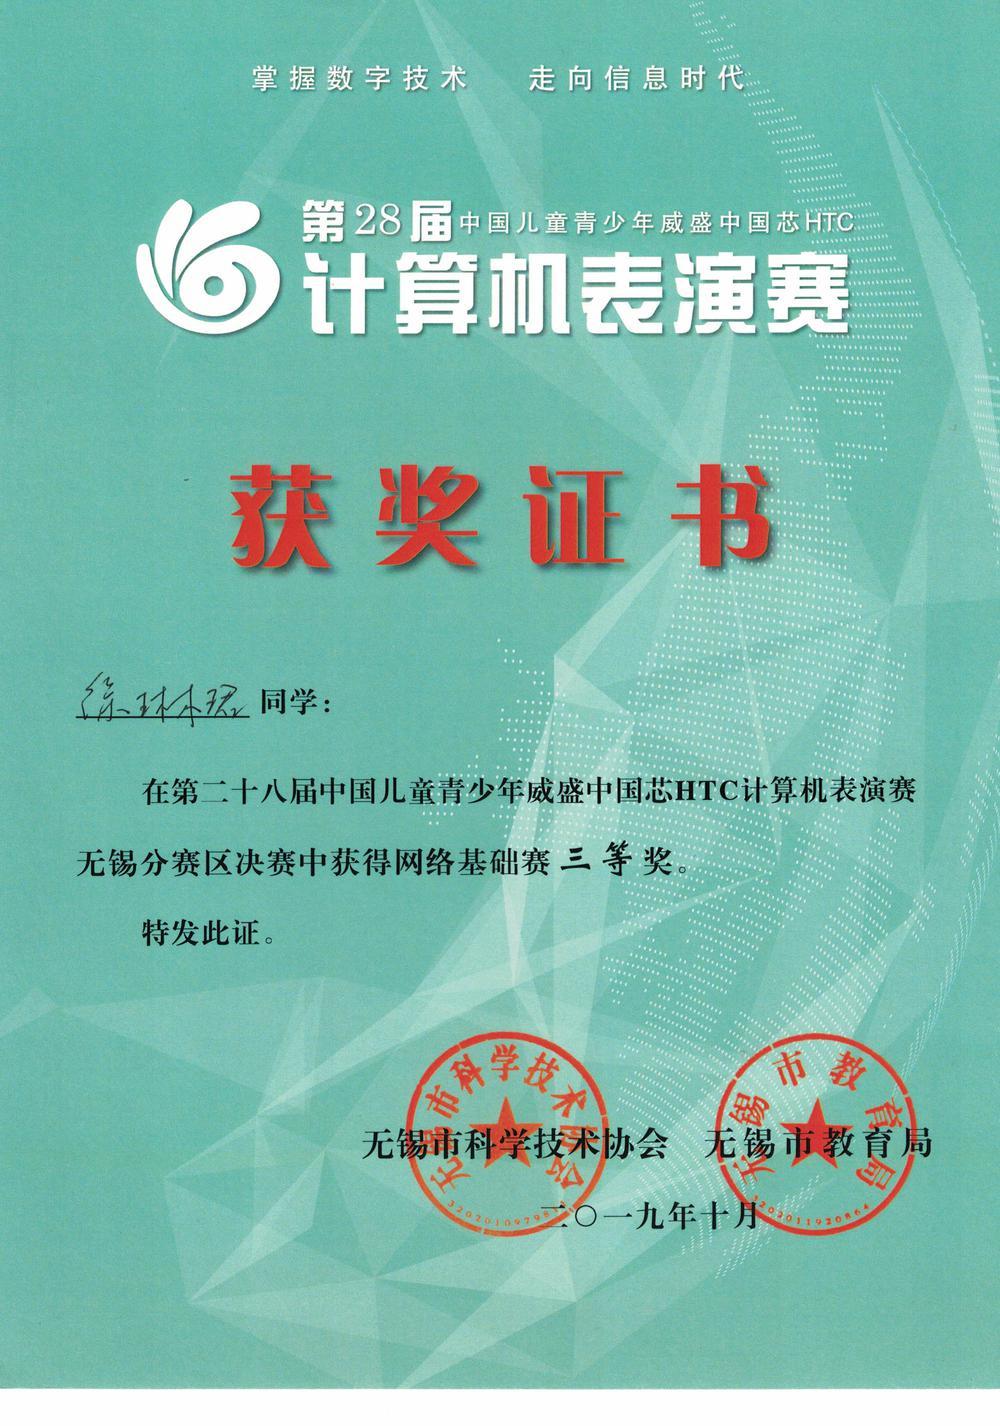 CCI20210501_0004.jpg